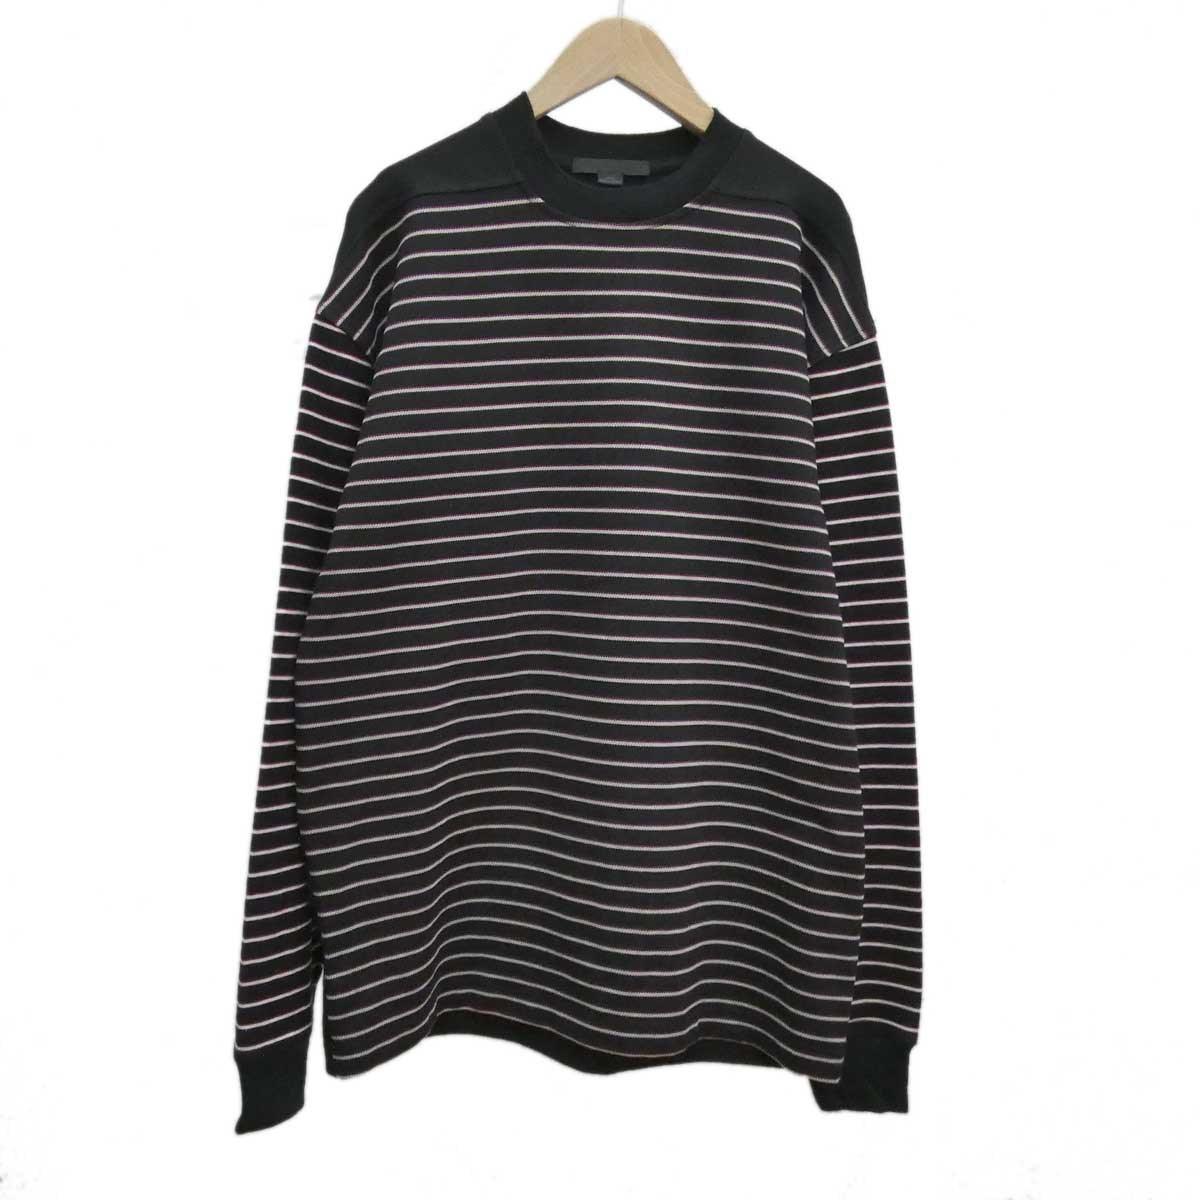 【中古】ALEXANDER WANG ボーダー長袖Tシャツ ブラック サイズ:XS 【051219】(アレキサンダーワン)